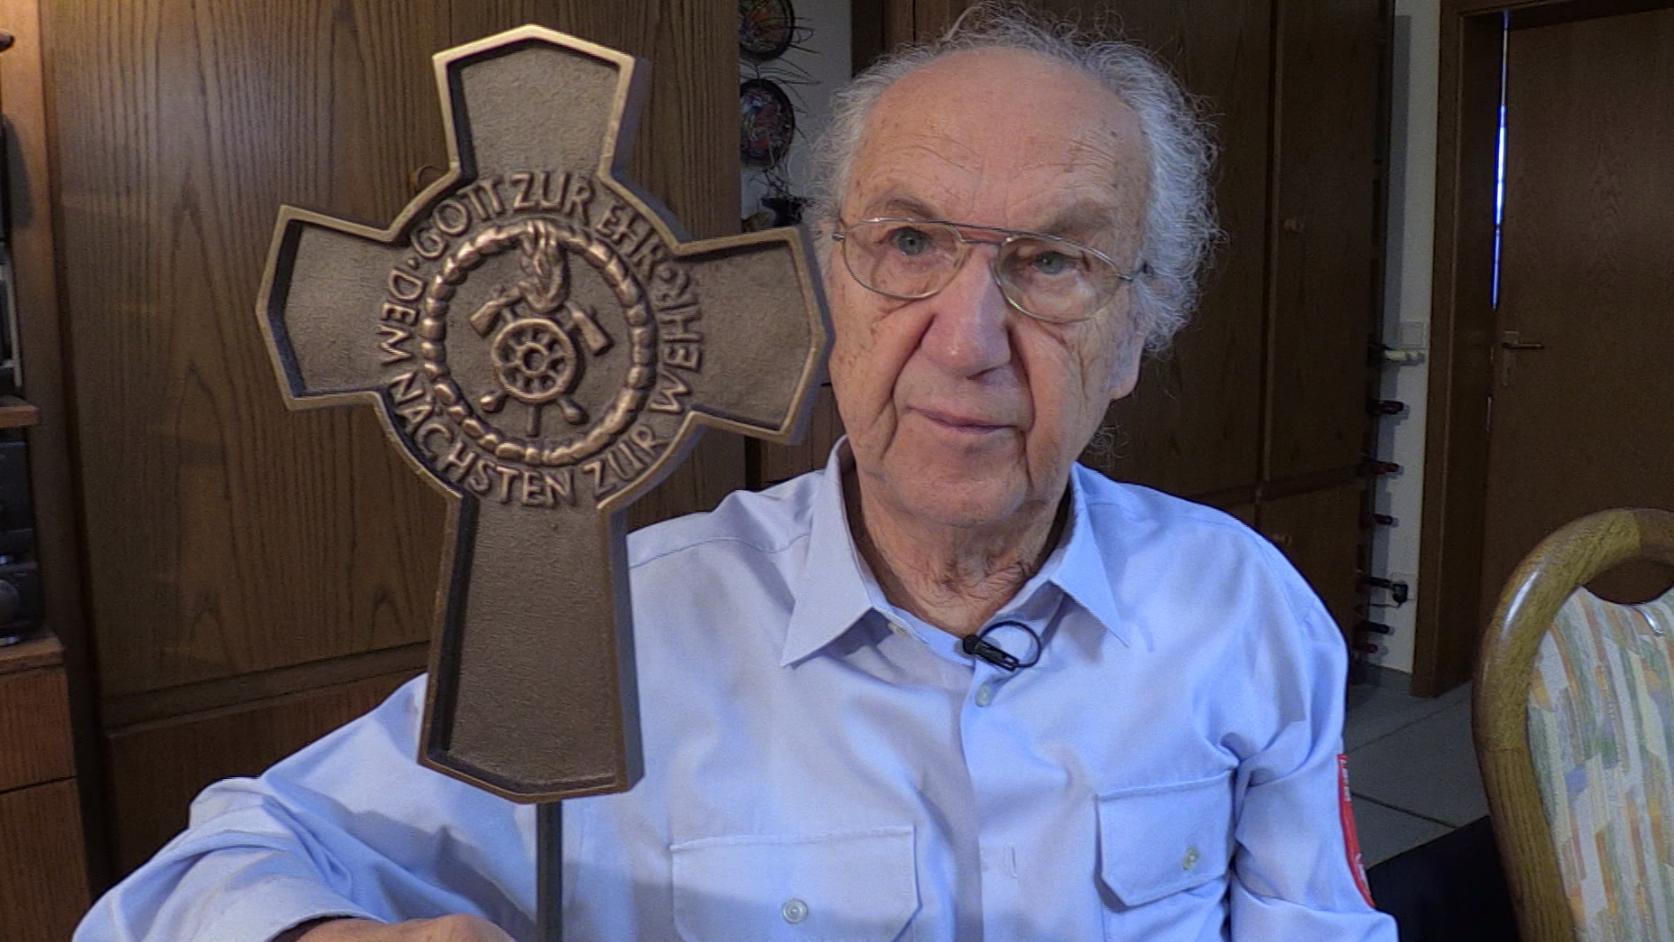 Manfred Hornung - er brachte die Idee der Grabkreuze für Feuerwehrler von Amerika nach Deutschland